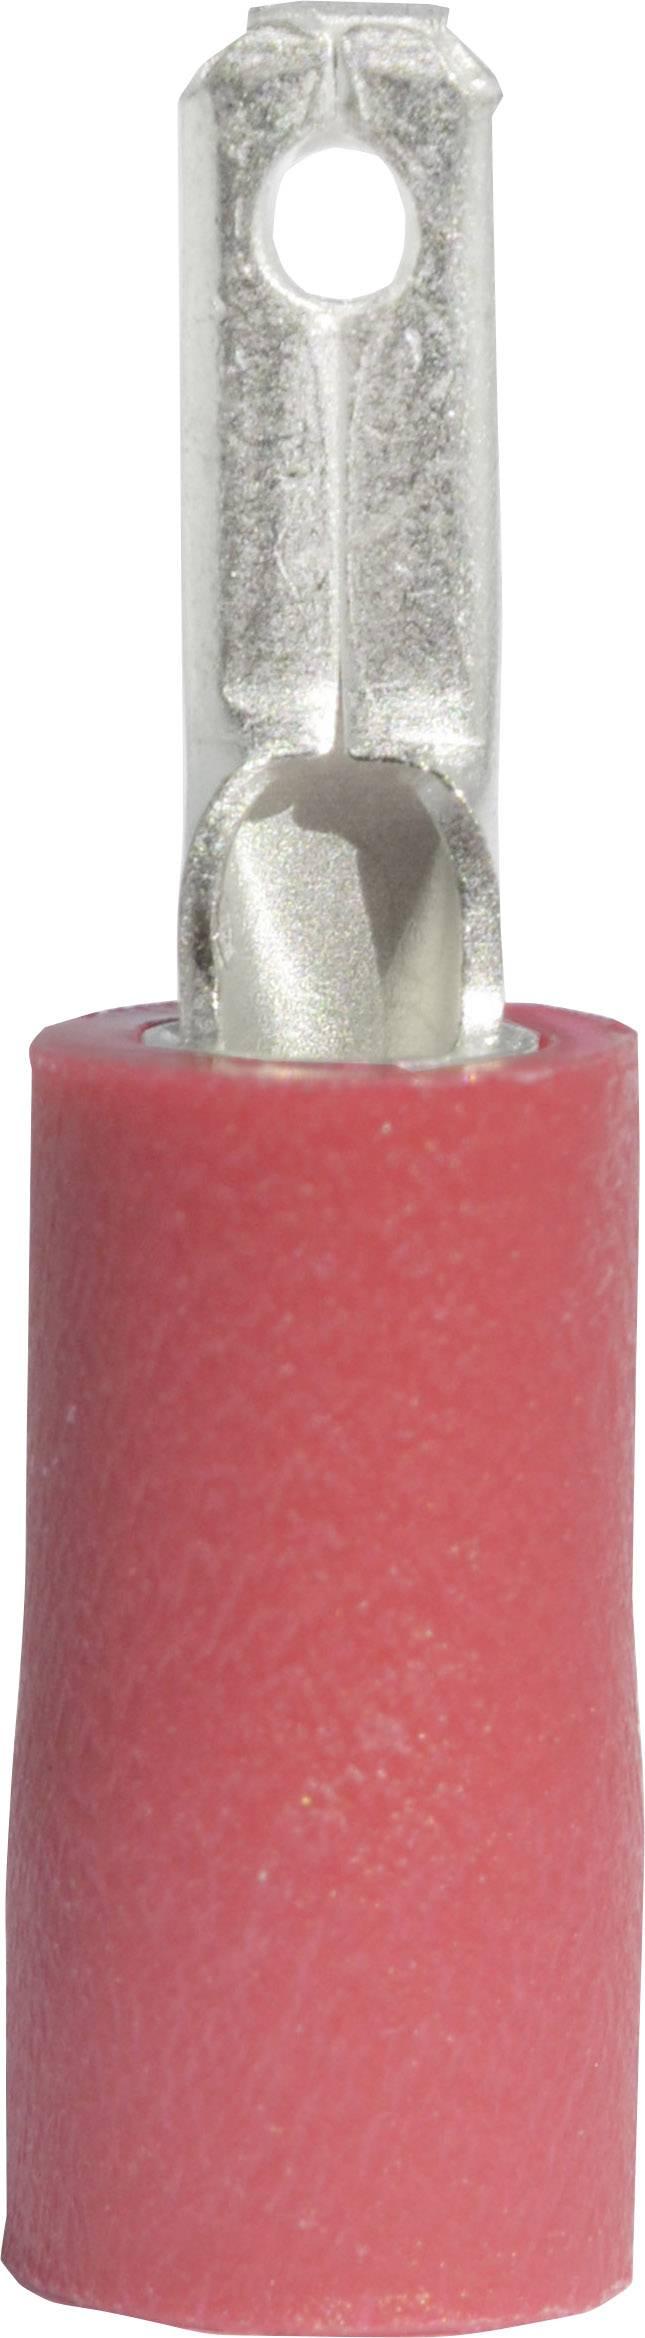 Faston konektor zástrčka Vogt Verbindungstechnik 391308S 2.8 mm x 0.8 mm, 180 °, čiastočne izolované, červená, 1 ks